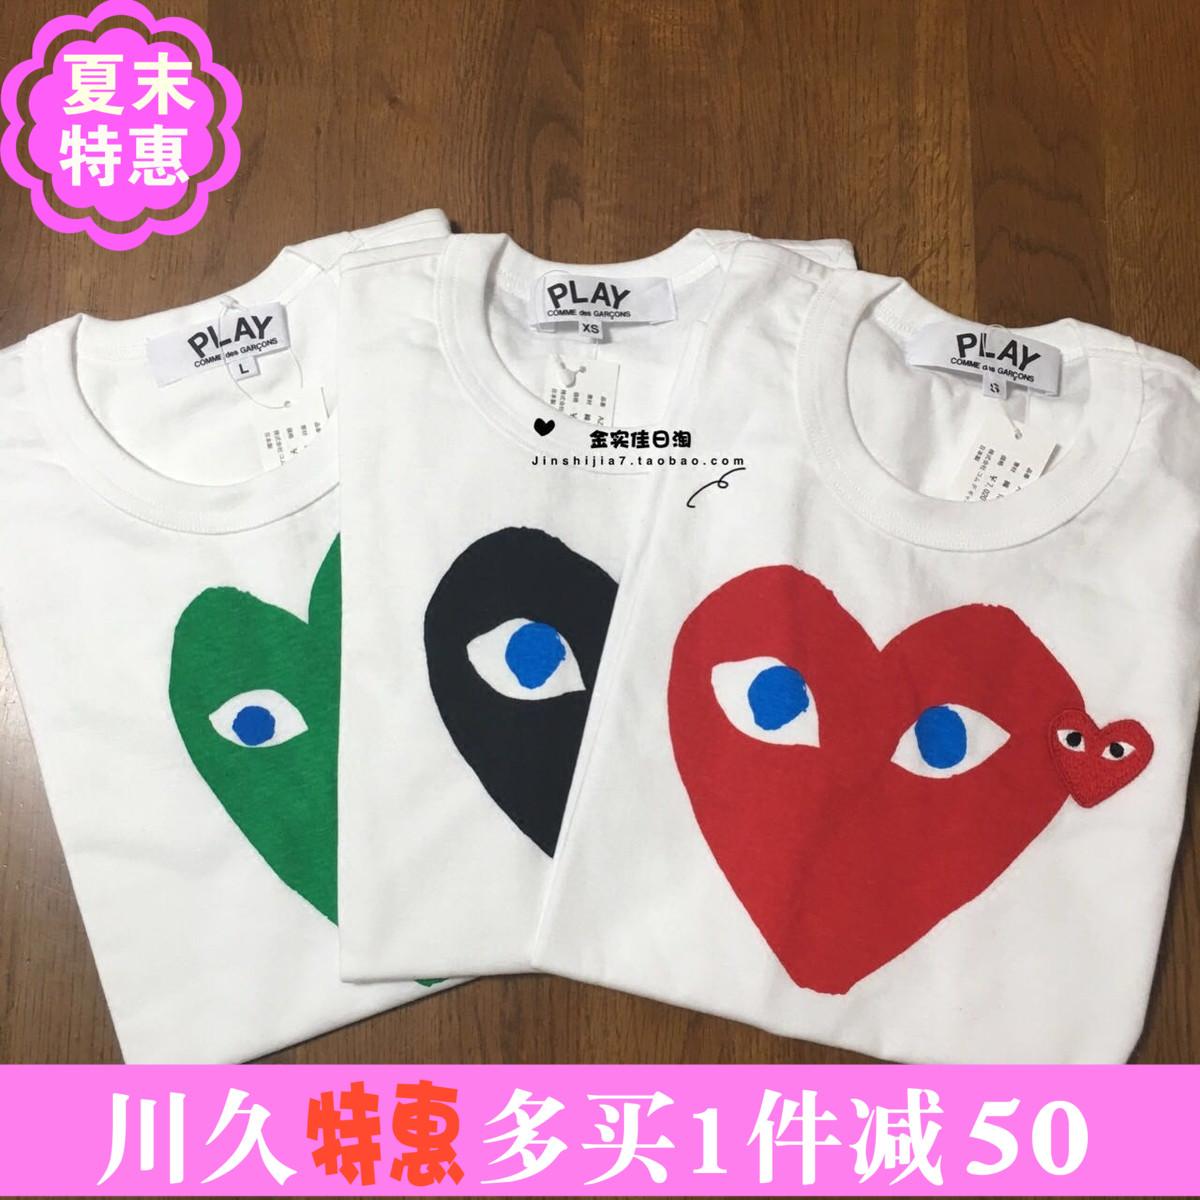 金实佳日本代购 川久保玲CDG PLAY 白色蓝眼红心黑心 短袖T恤男女